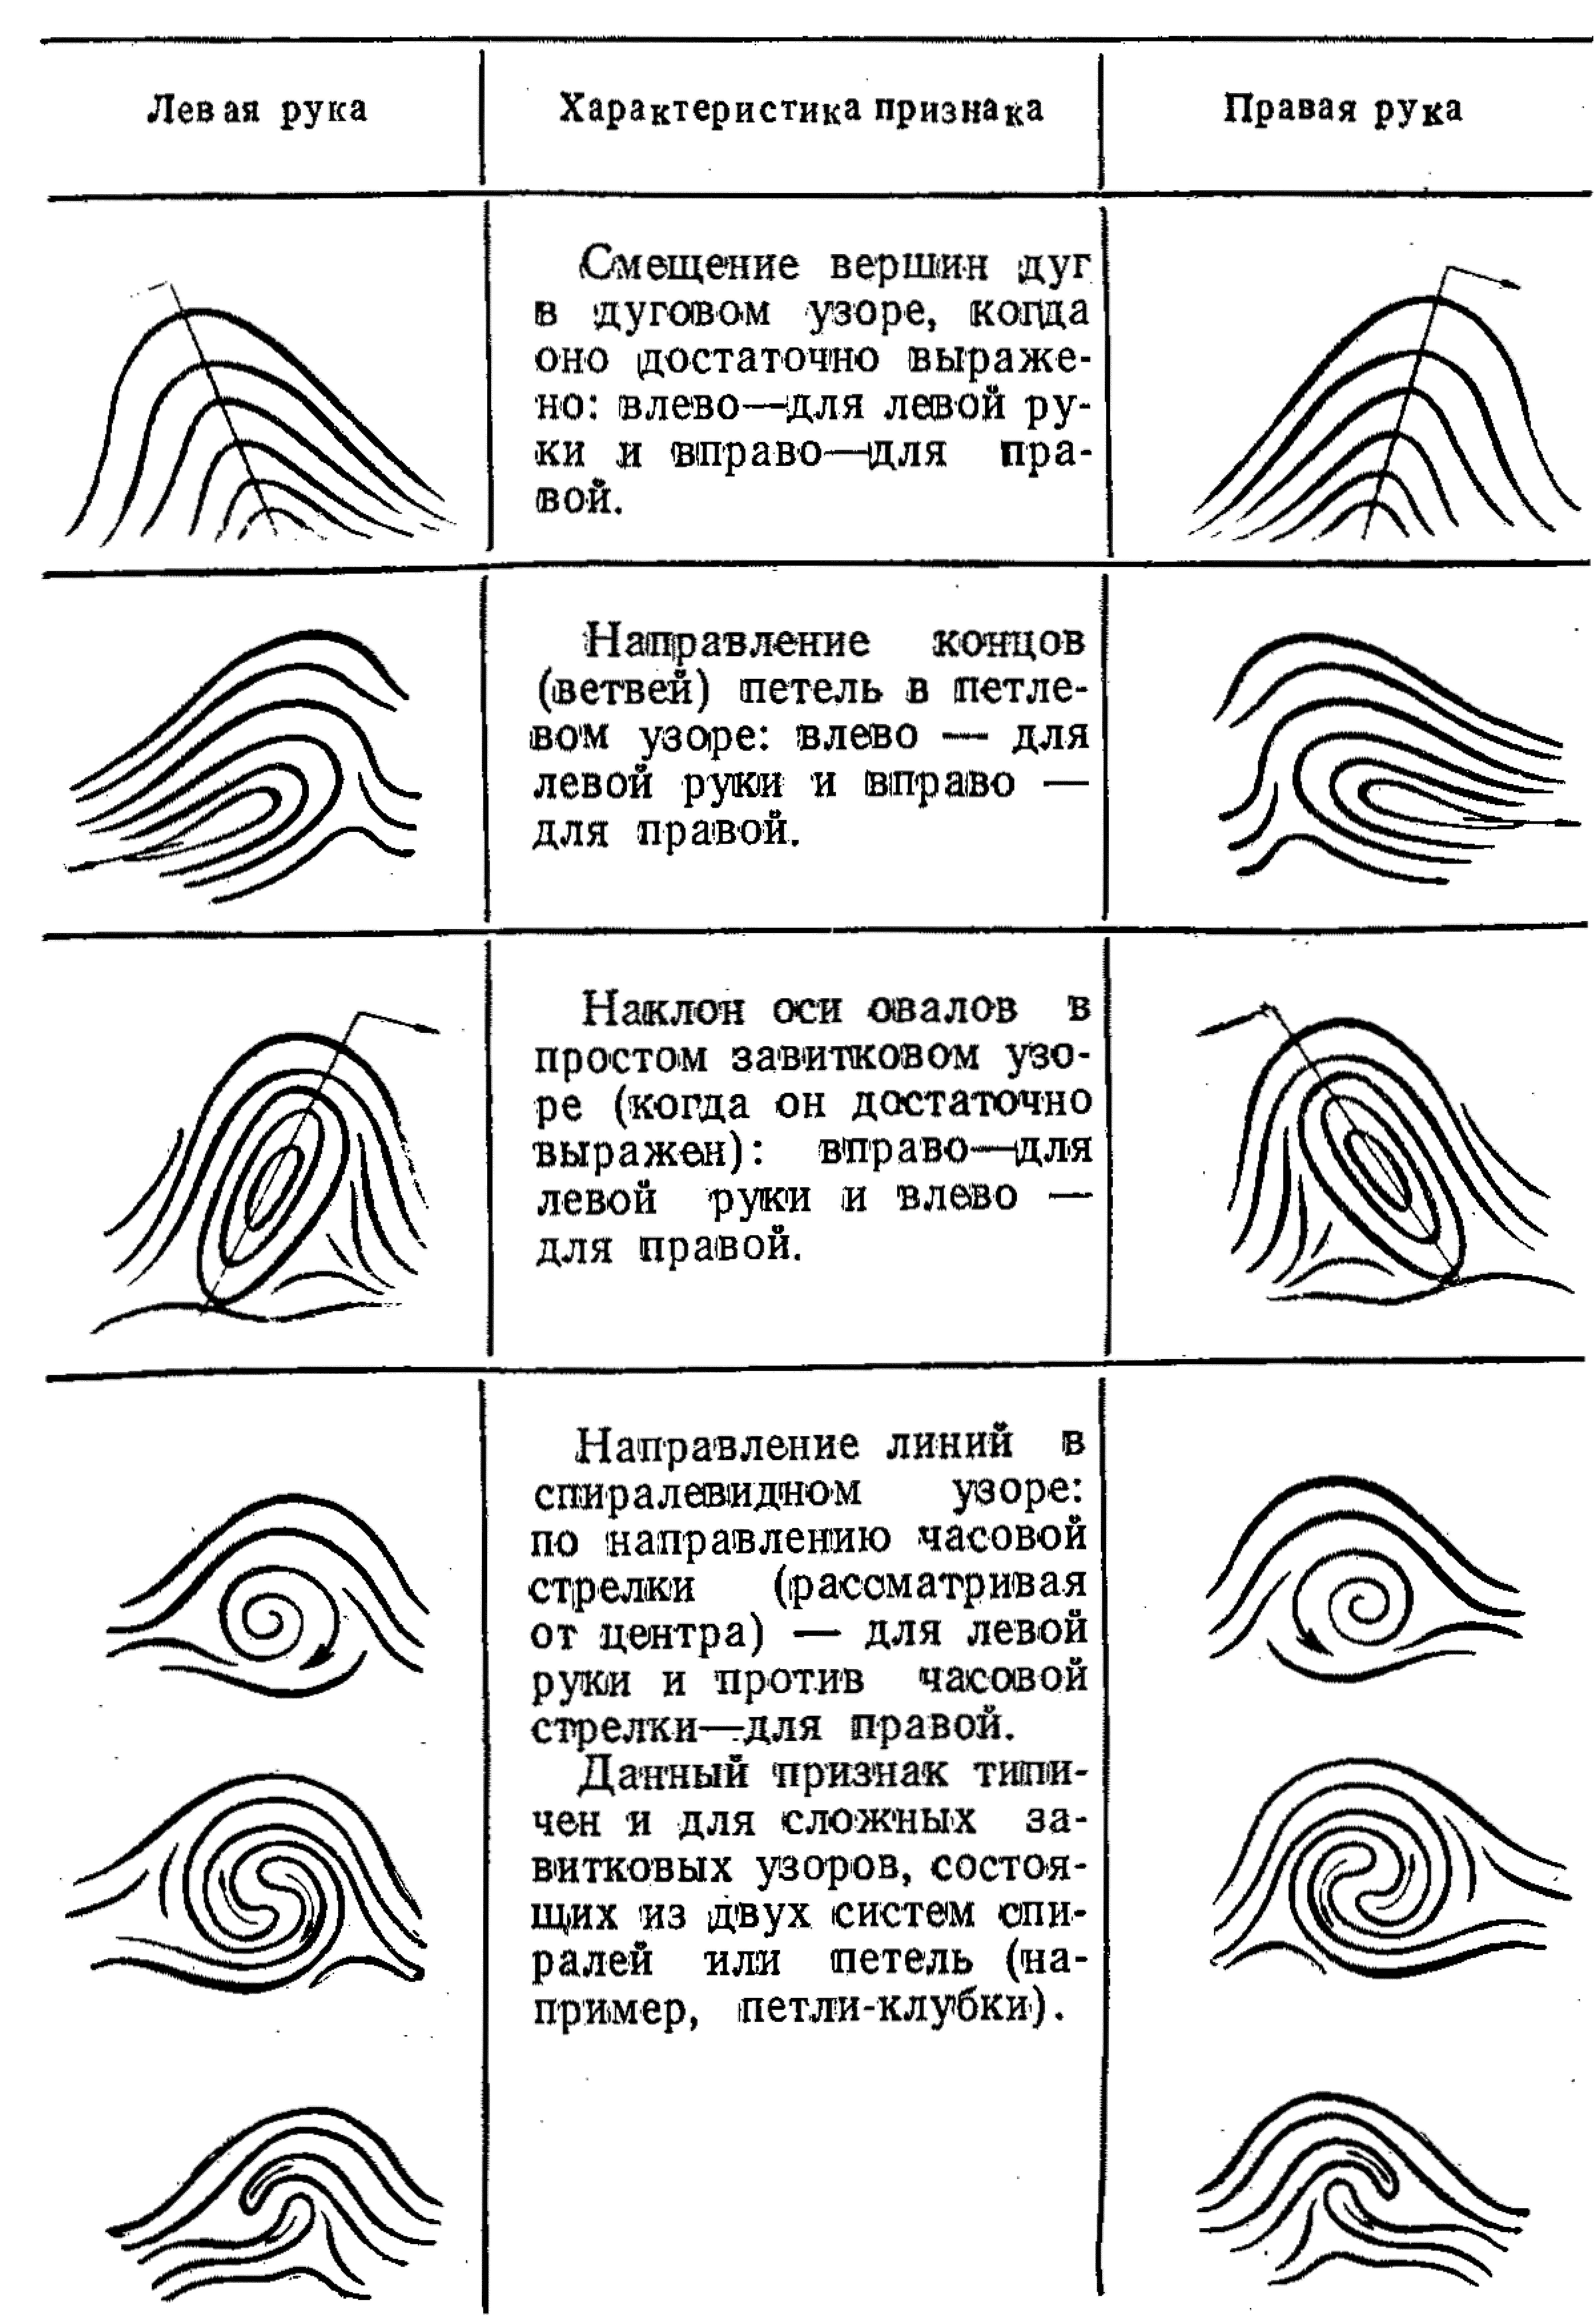 приколов типы папиллярных узоров пальцев рук картинки работа обусловлена слаженной